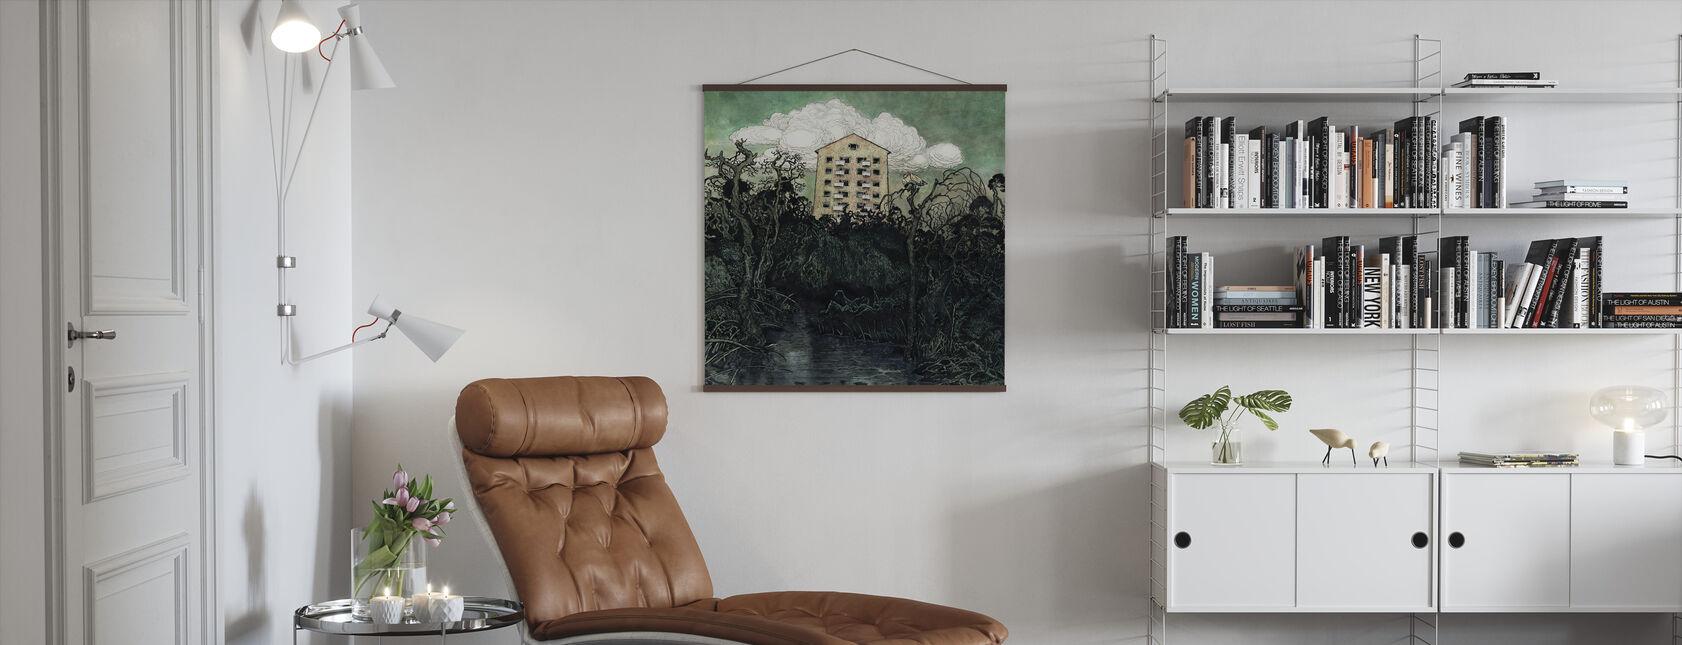 Sowa wieżowa - Plakat - Pokój dzienny